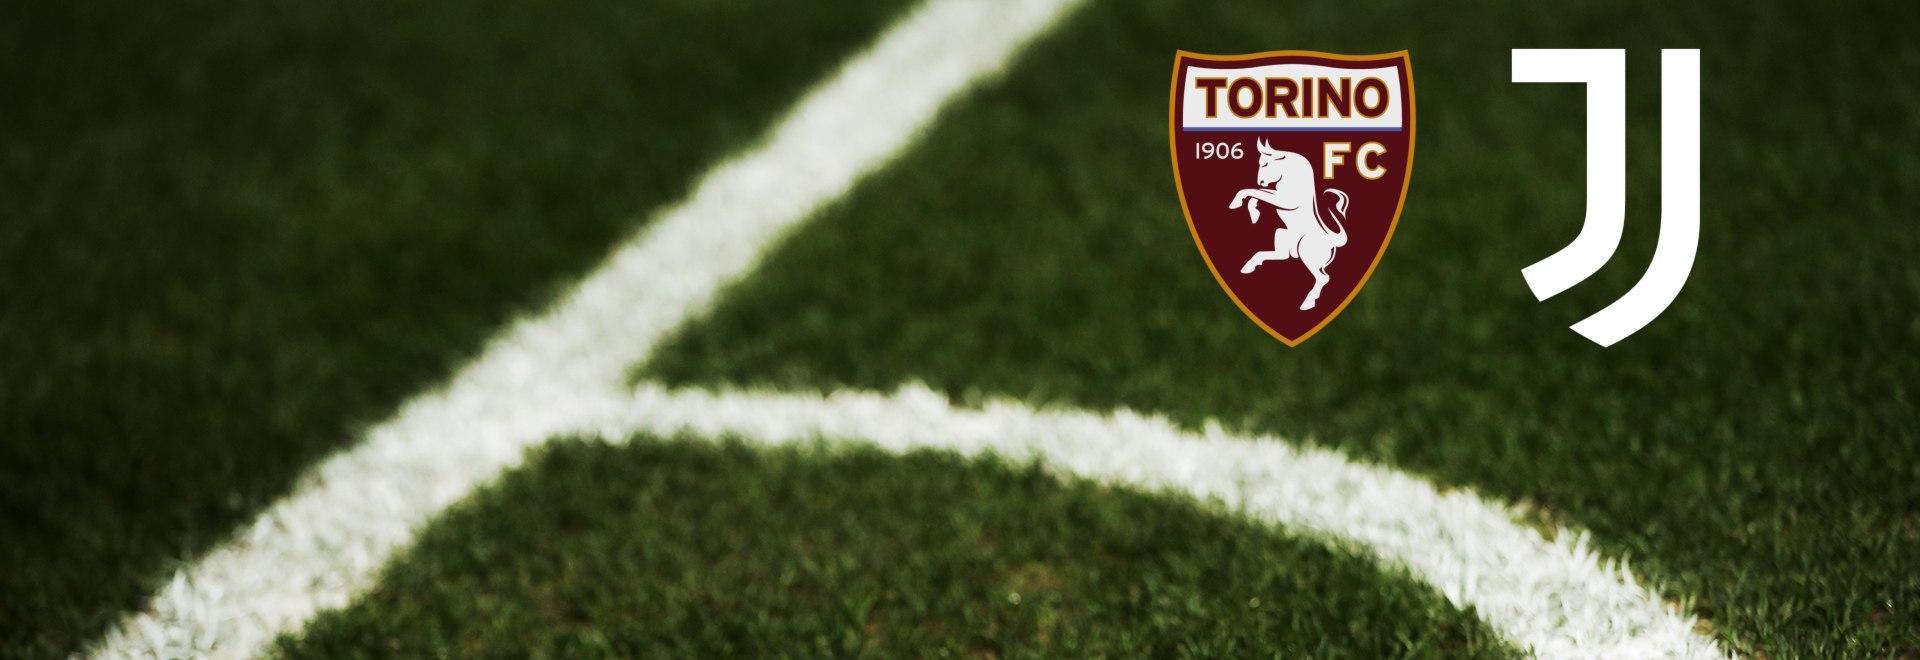 Torino - Juventus. 29a g.